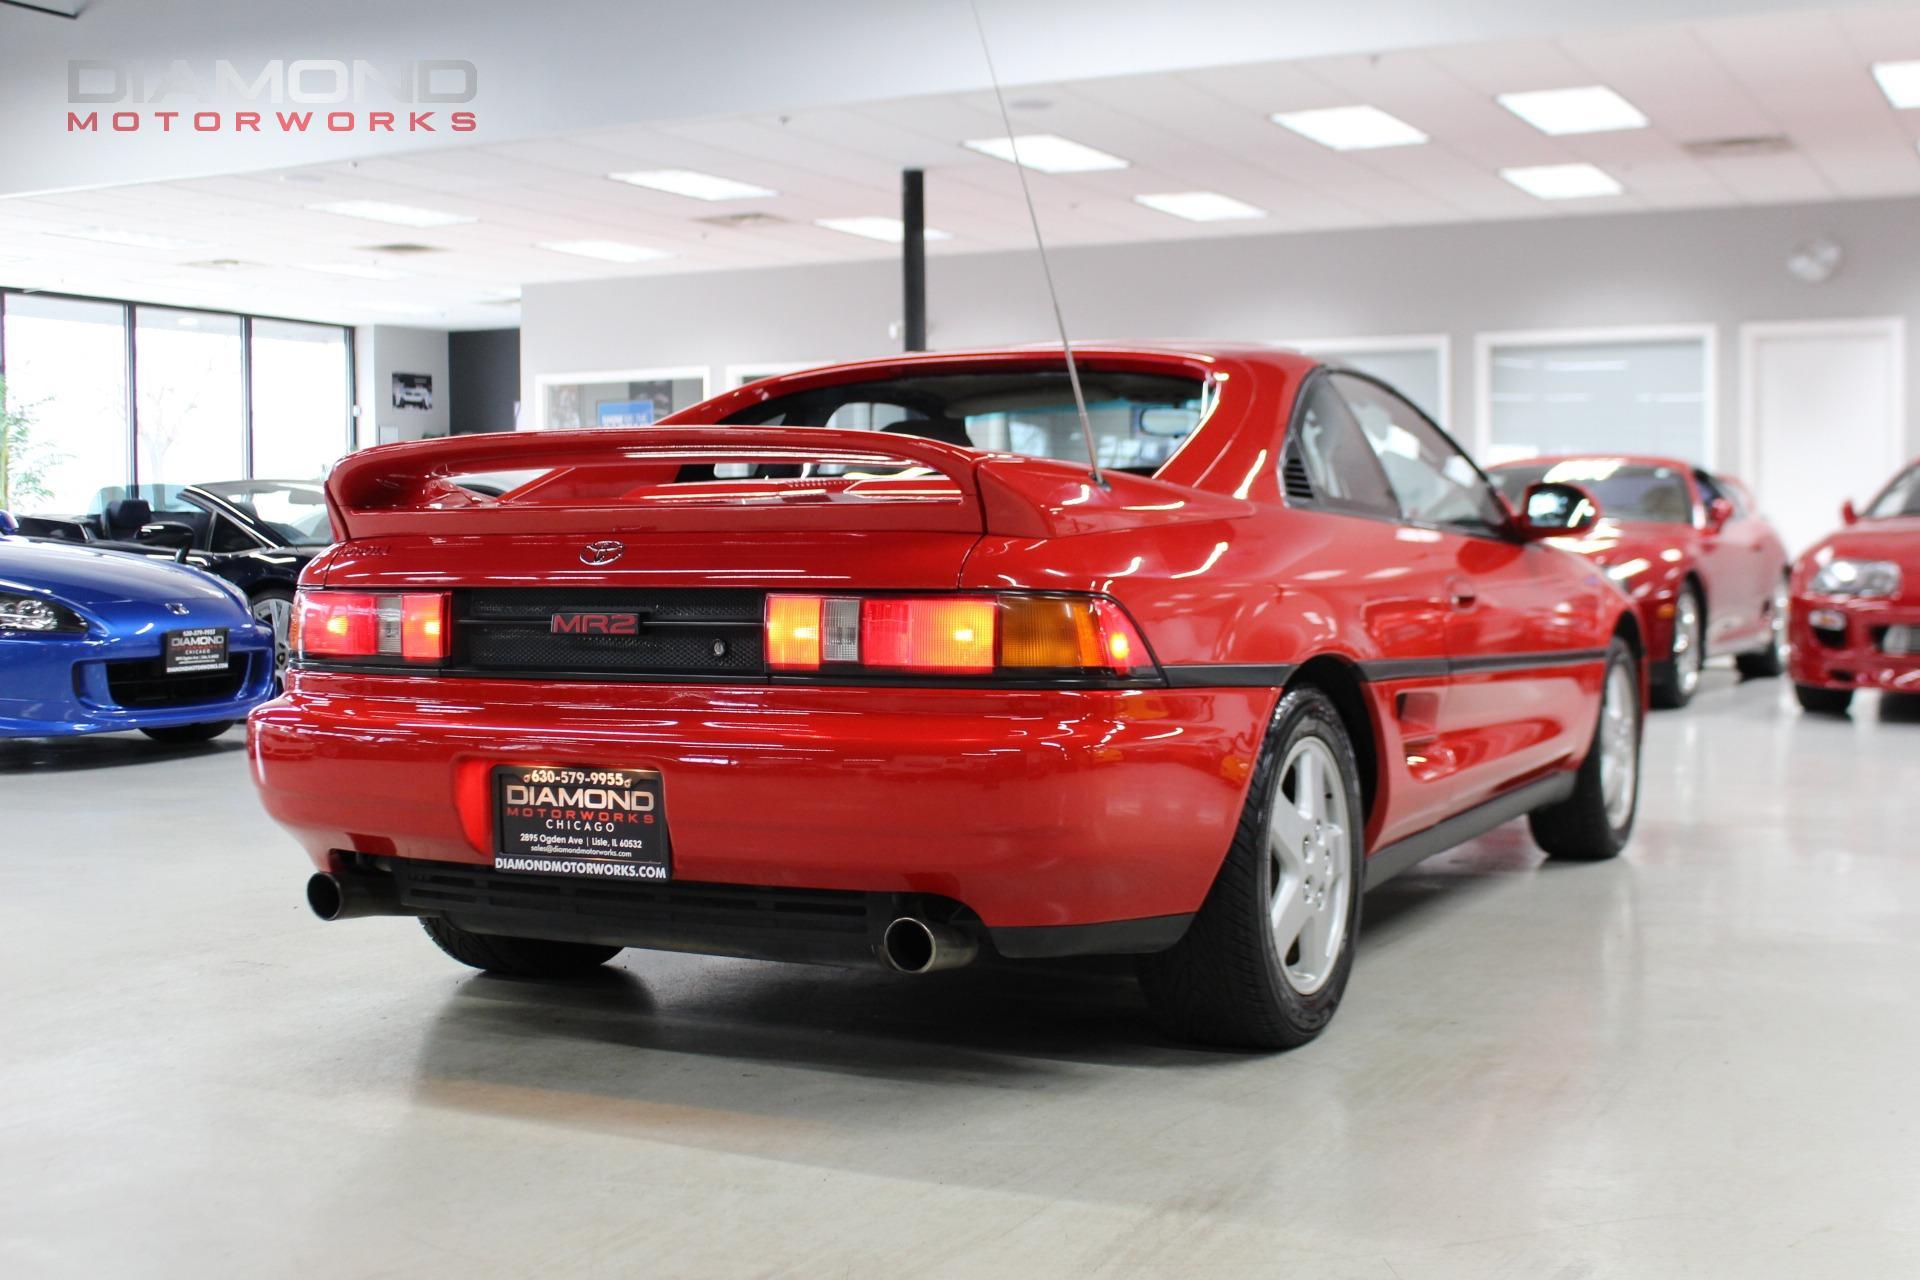 Used-1993-Toyota-MR2-Turbo